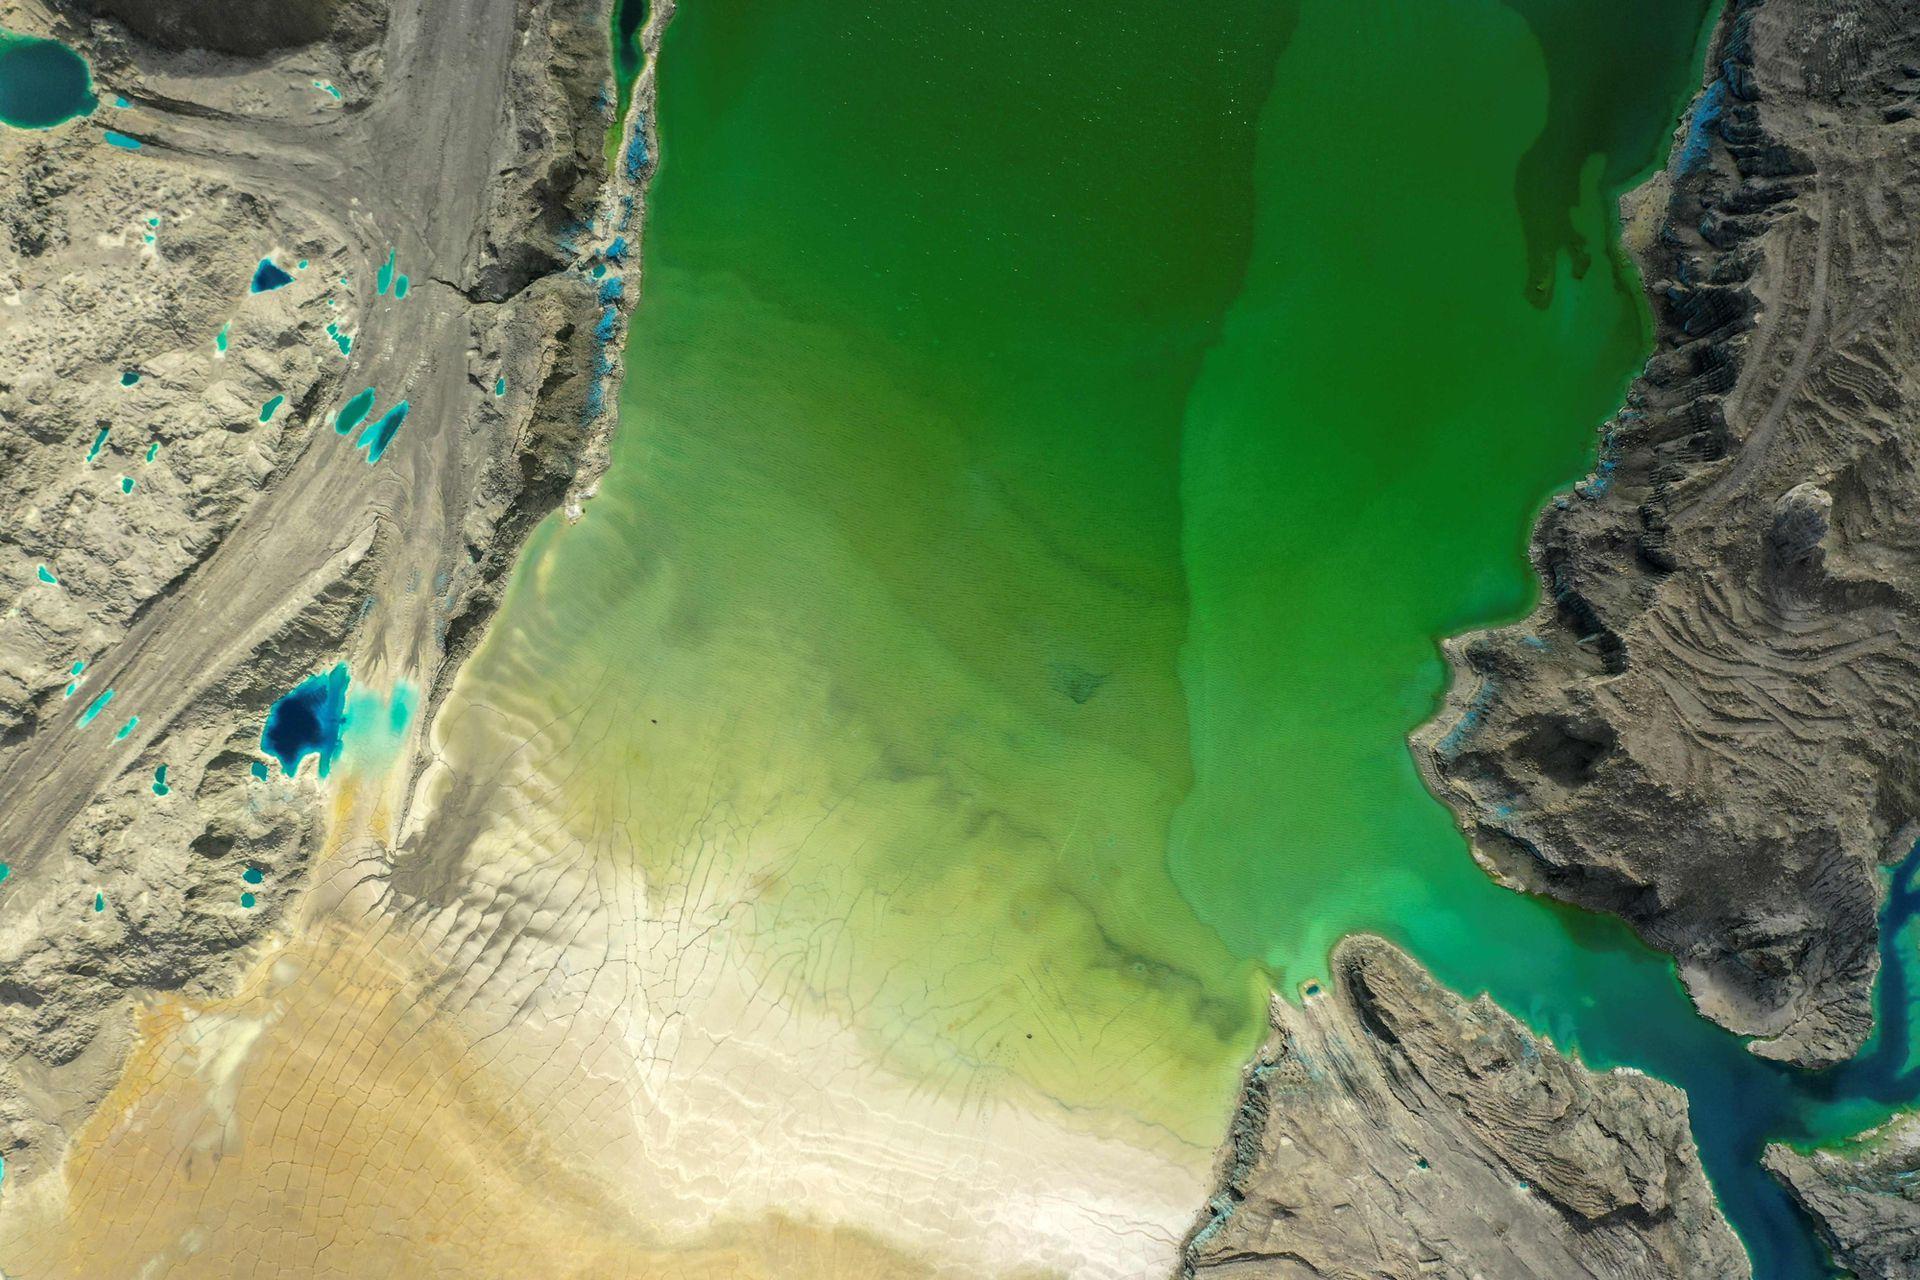 Vista aérea de un tranque de relave de la minera Valle Central, en Rancagua, Chile